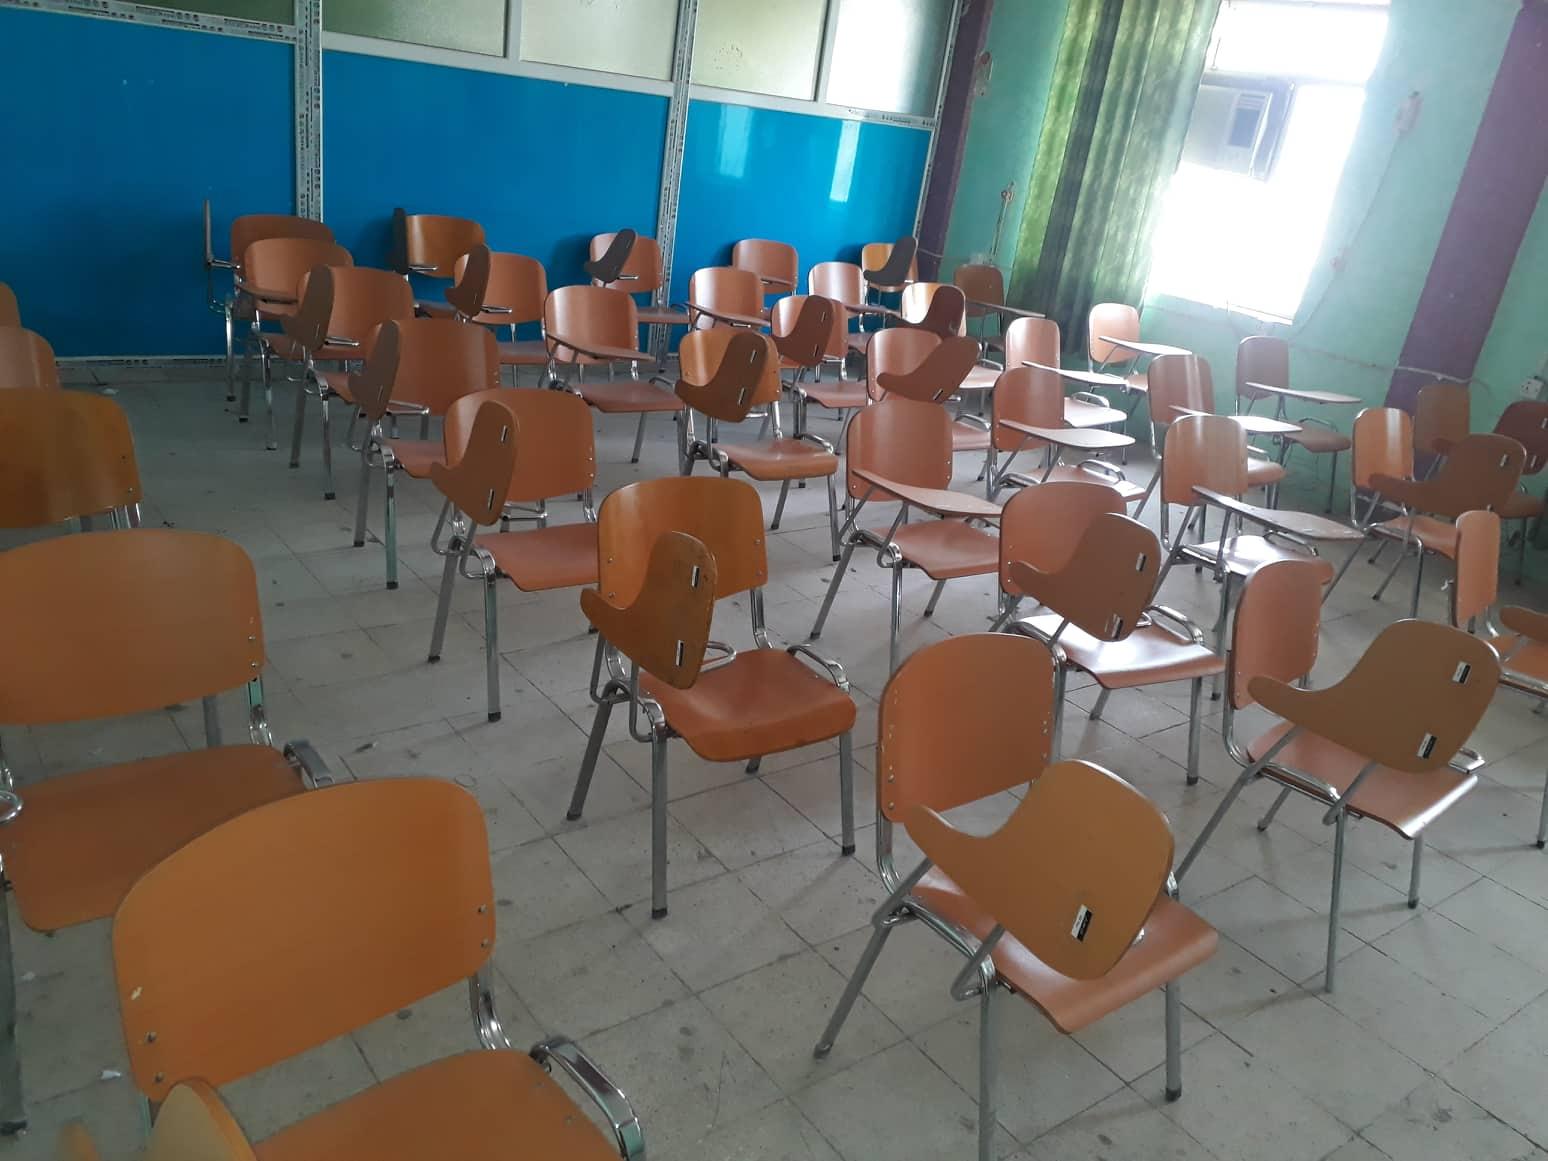 كلية الاثار على استعداد لاستقبال امتحان الدور الثاني لطلبة السادس الاعدادي